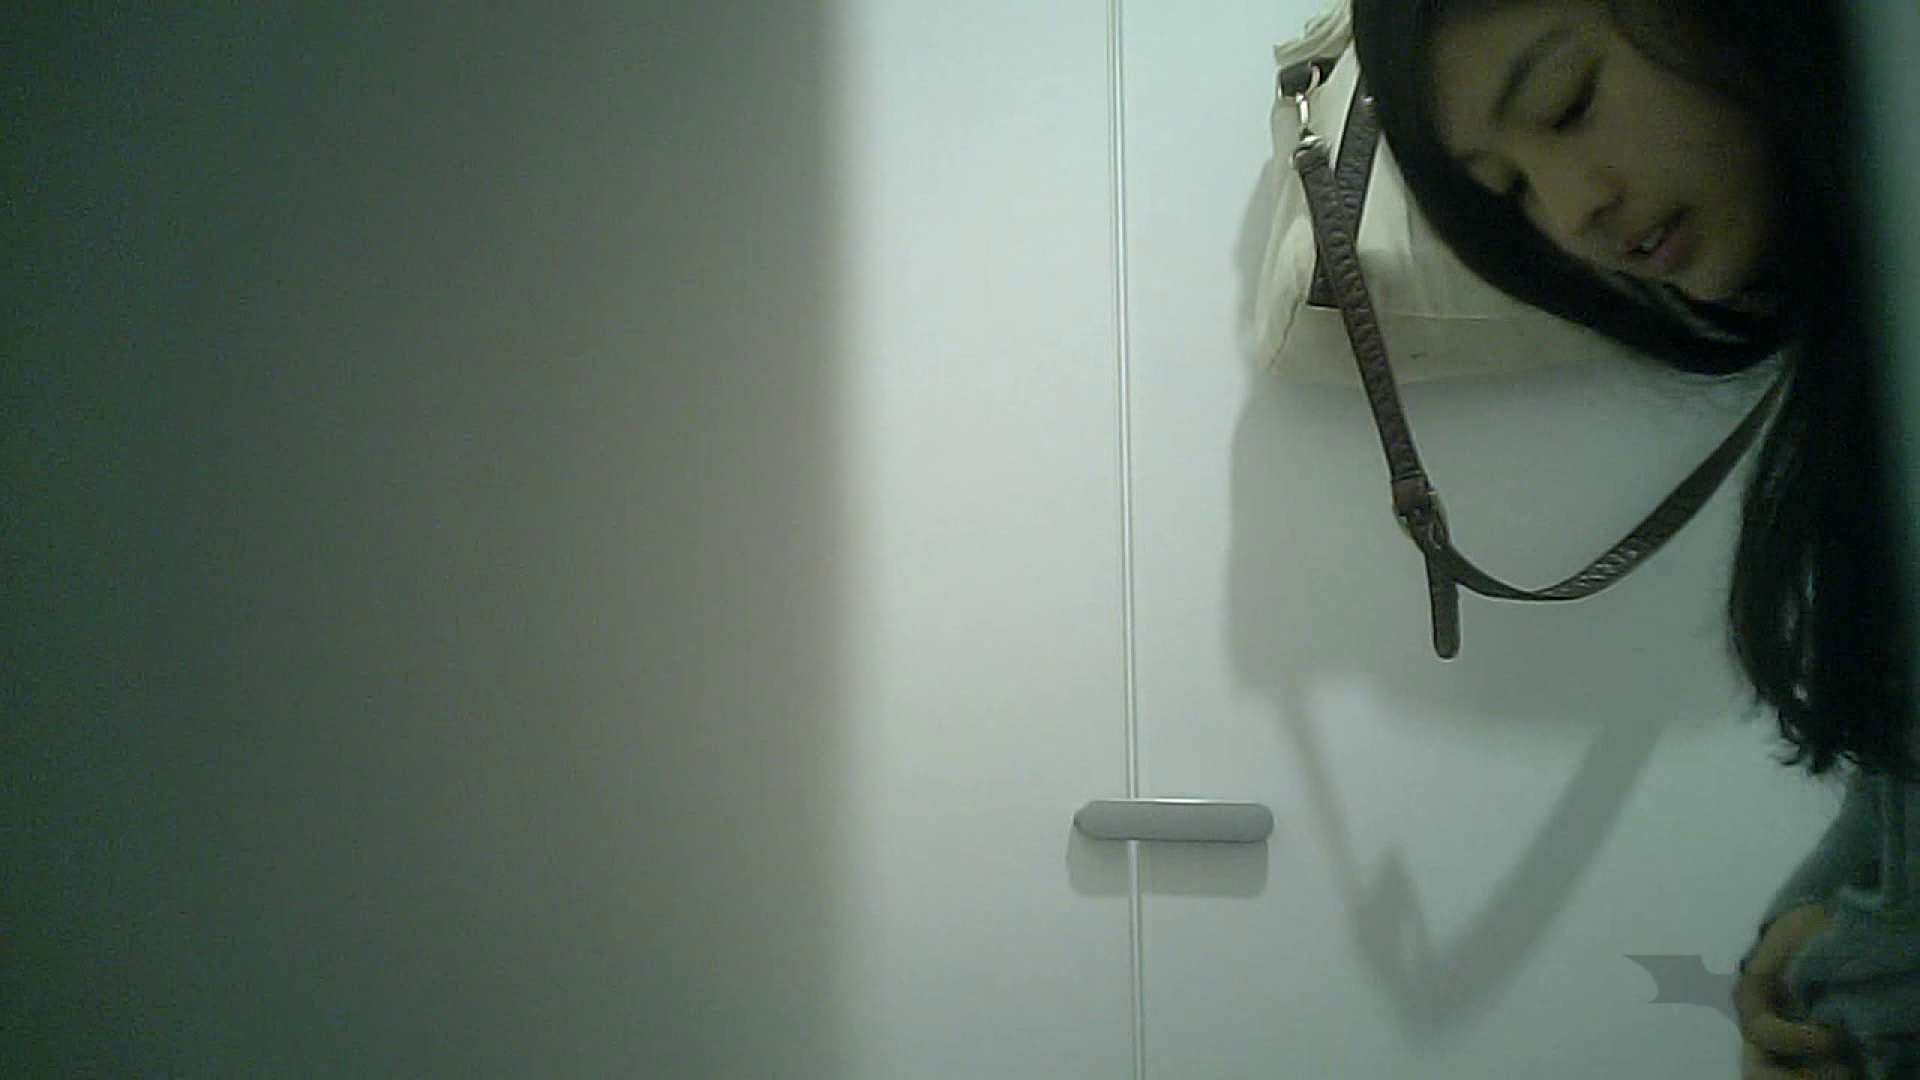 有名大学女性洗面所 vol.36 すっごい「ほじって」ます。 投稿 のぞき 54PIX 2